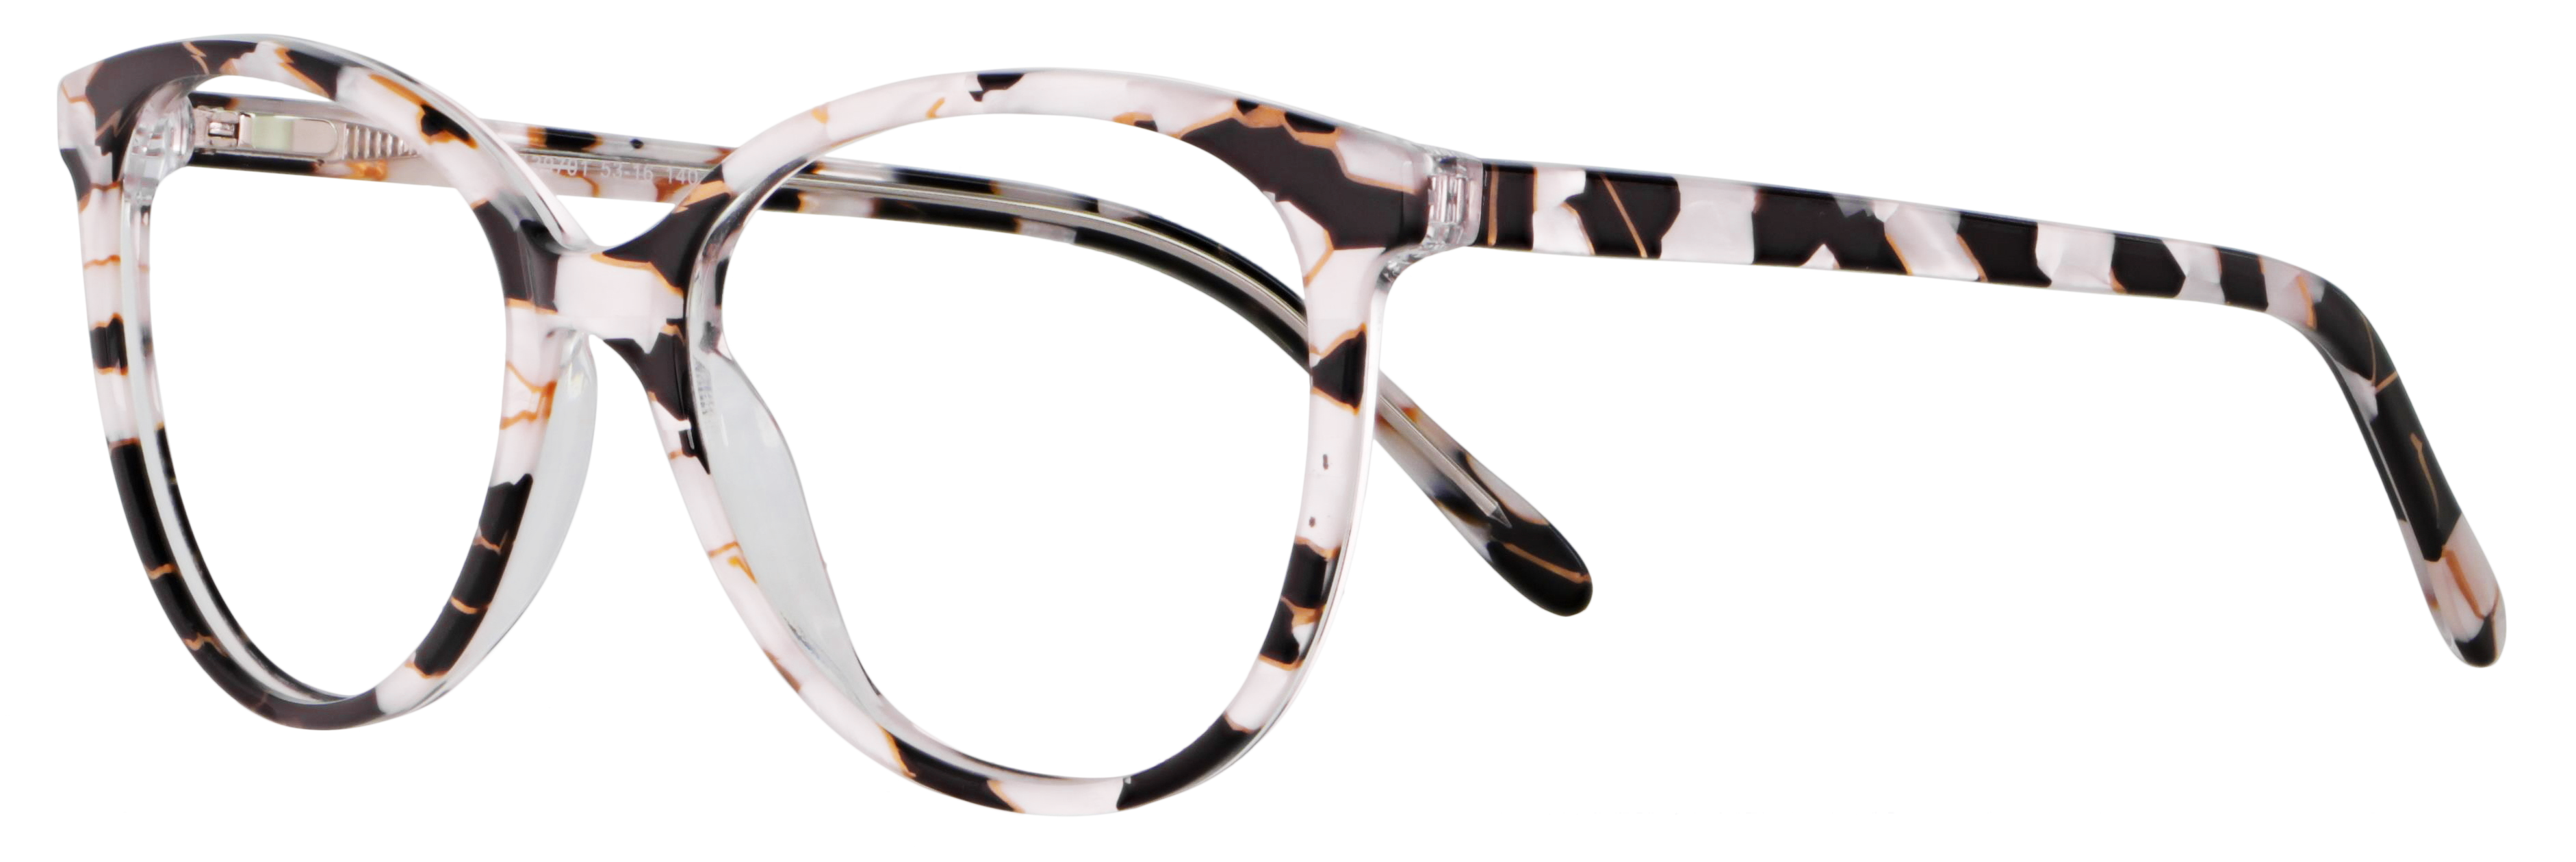 abele optik Brille 139701